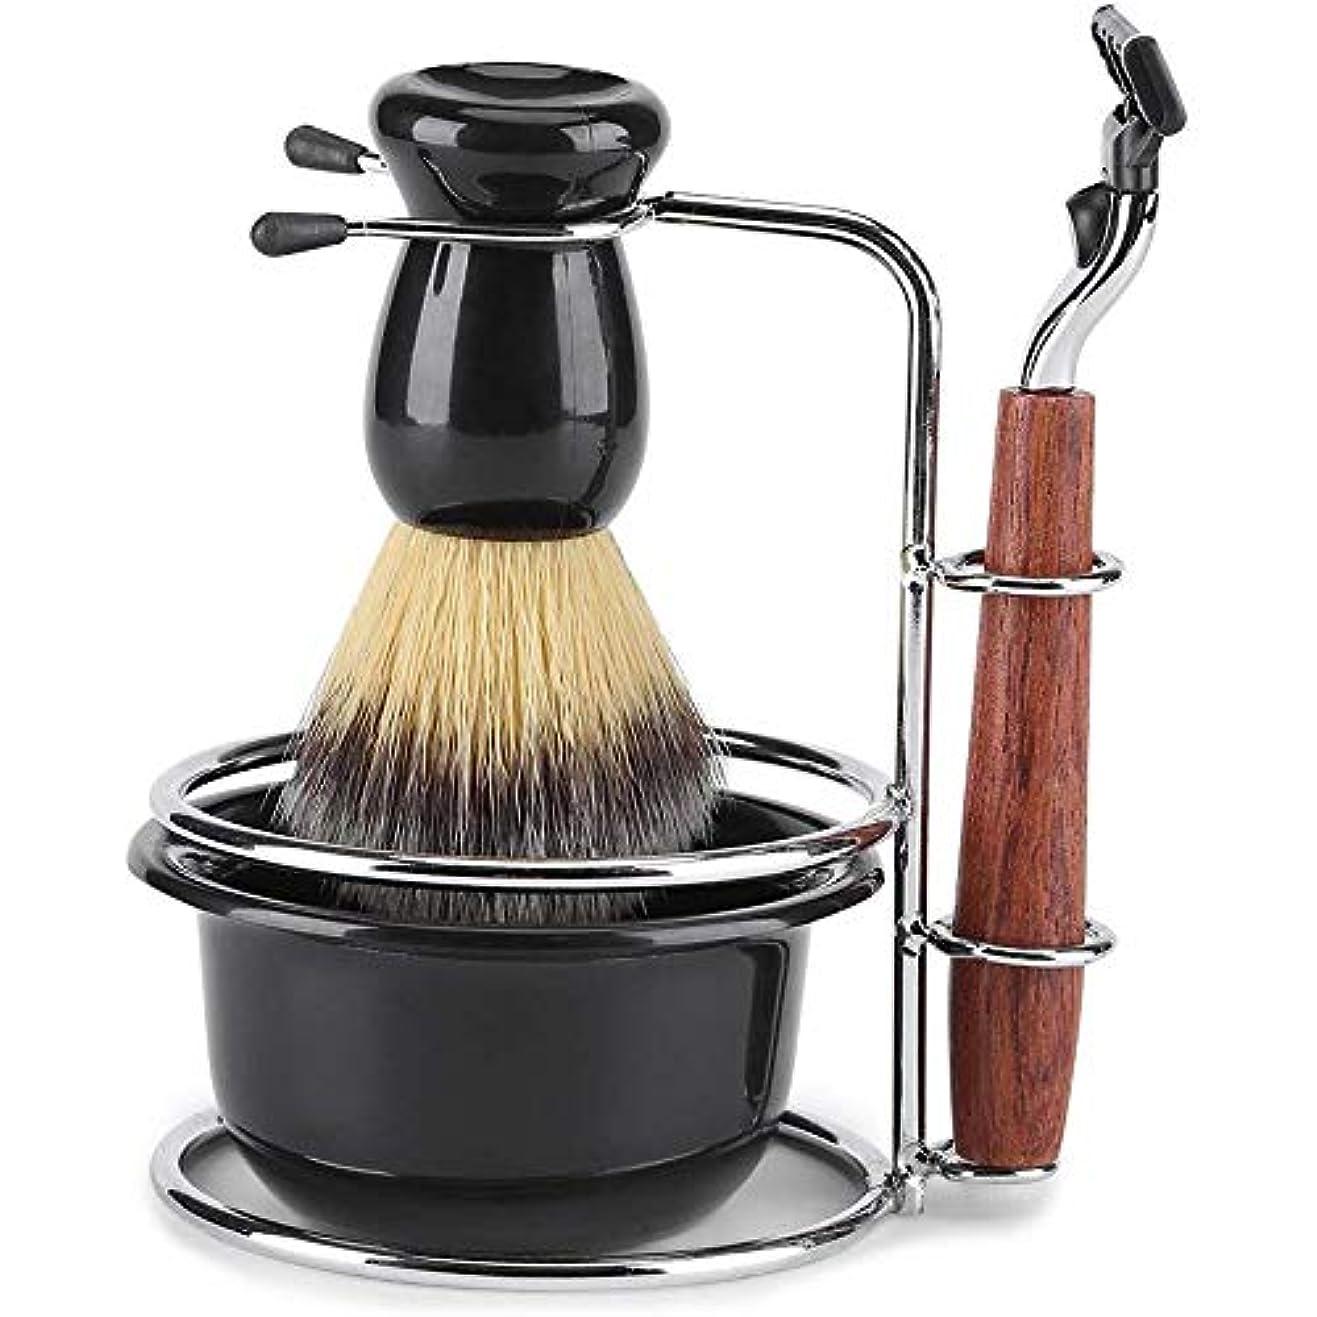 餌天ラケット4セットシェービングブラシセットプラシスタンド 石鹸ボウル父の日プレゼント ひげブラシ シェービングブラシ 洗顔 髭剃り